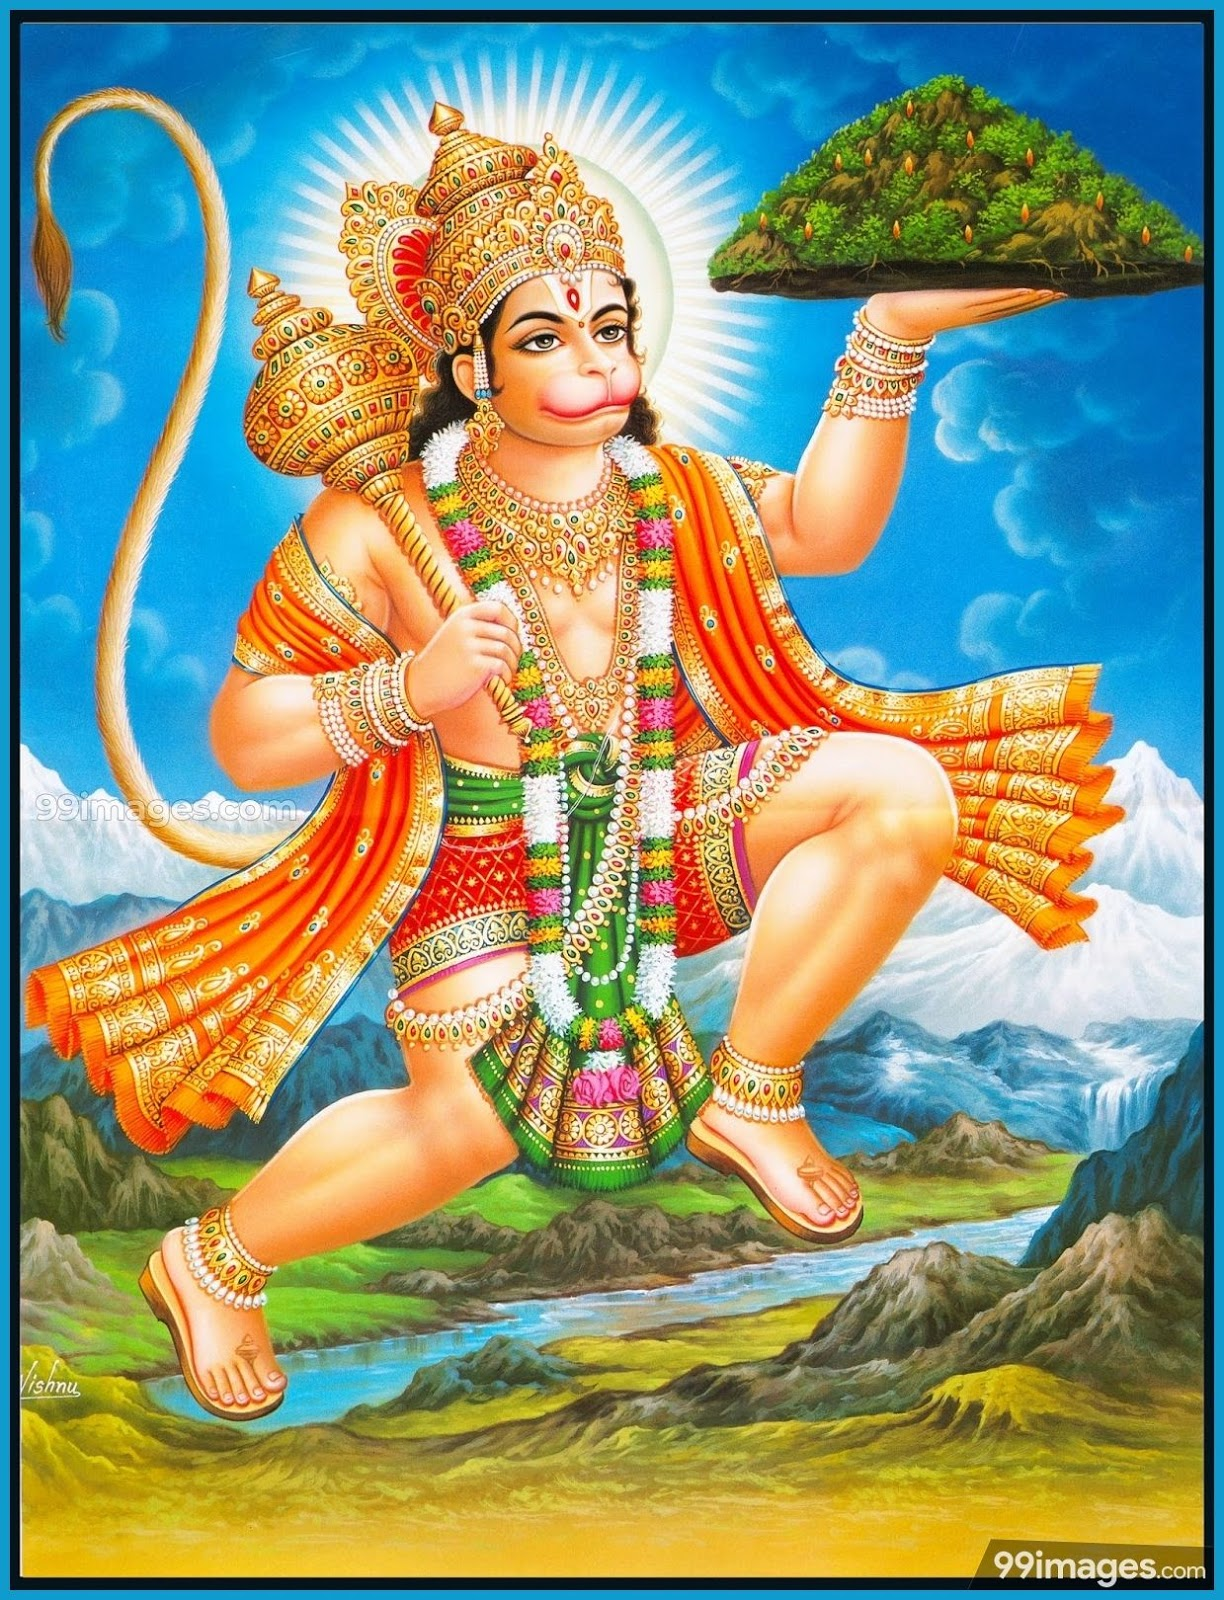 300 Lord Hanuman Ji Full Hd Images Pics À¤¹à¤¨ À¤® À¤¨ À¤« À¤Ÿ Free Download 2020 Good Morning Images 2020